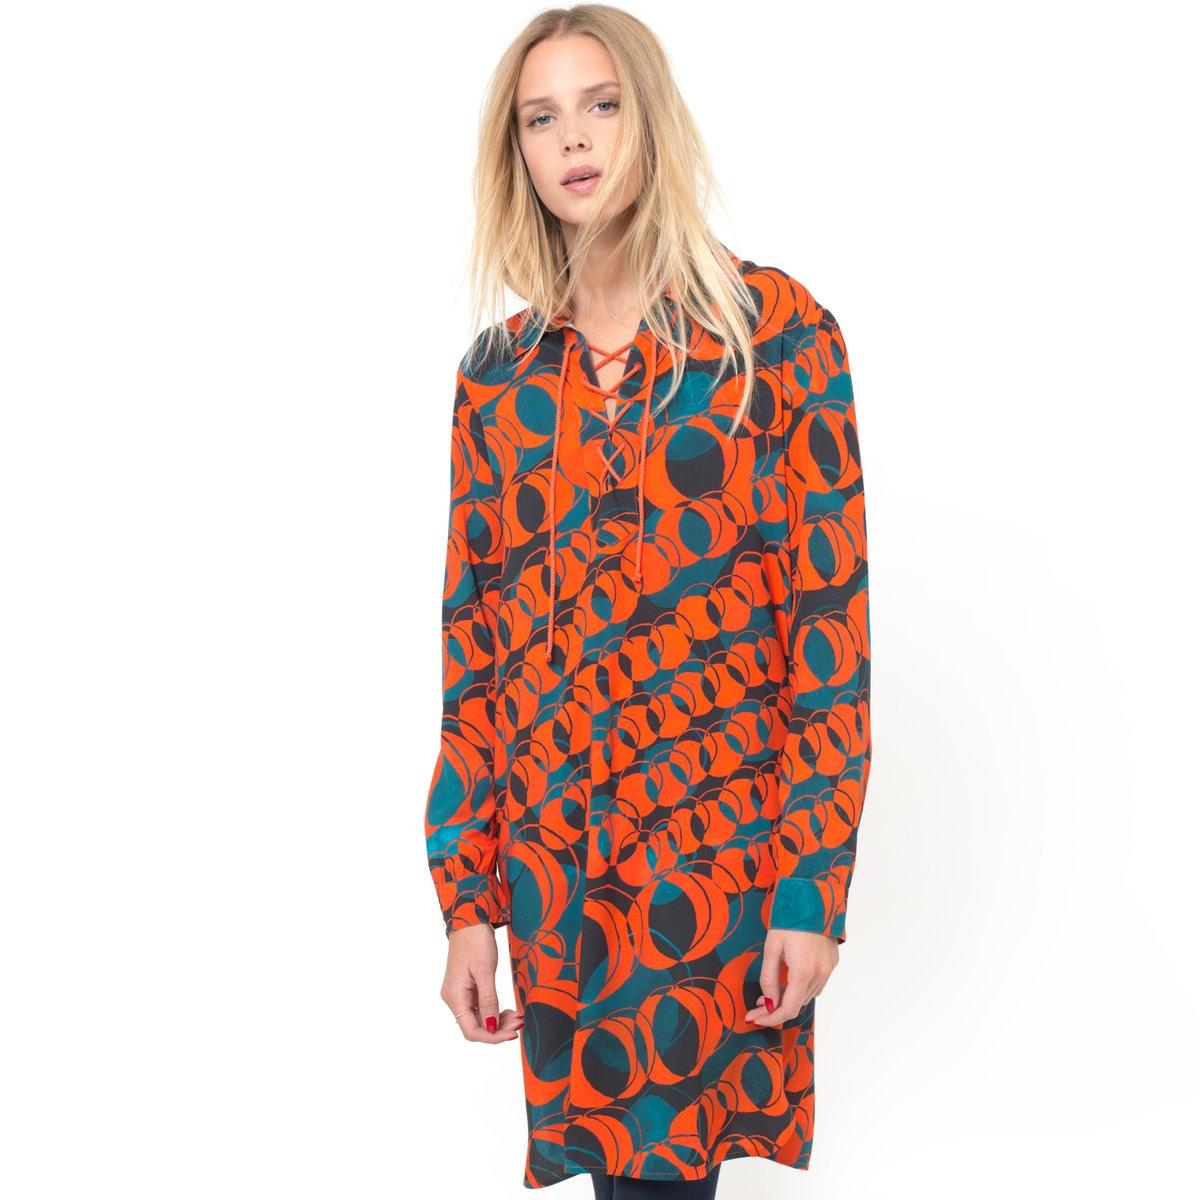 ПлатьеПлатье BENSIMON. 100% вискозы. Струящееся платье с рисунком. Длинные рукава. V-образный вырез на шнуровке.<br><br>Цвет: оранжевый<br>Размер: M